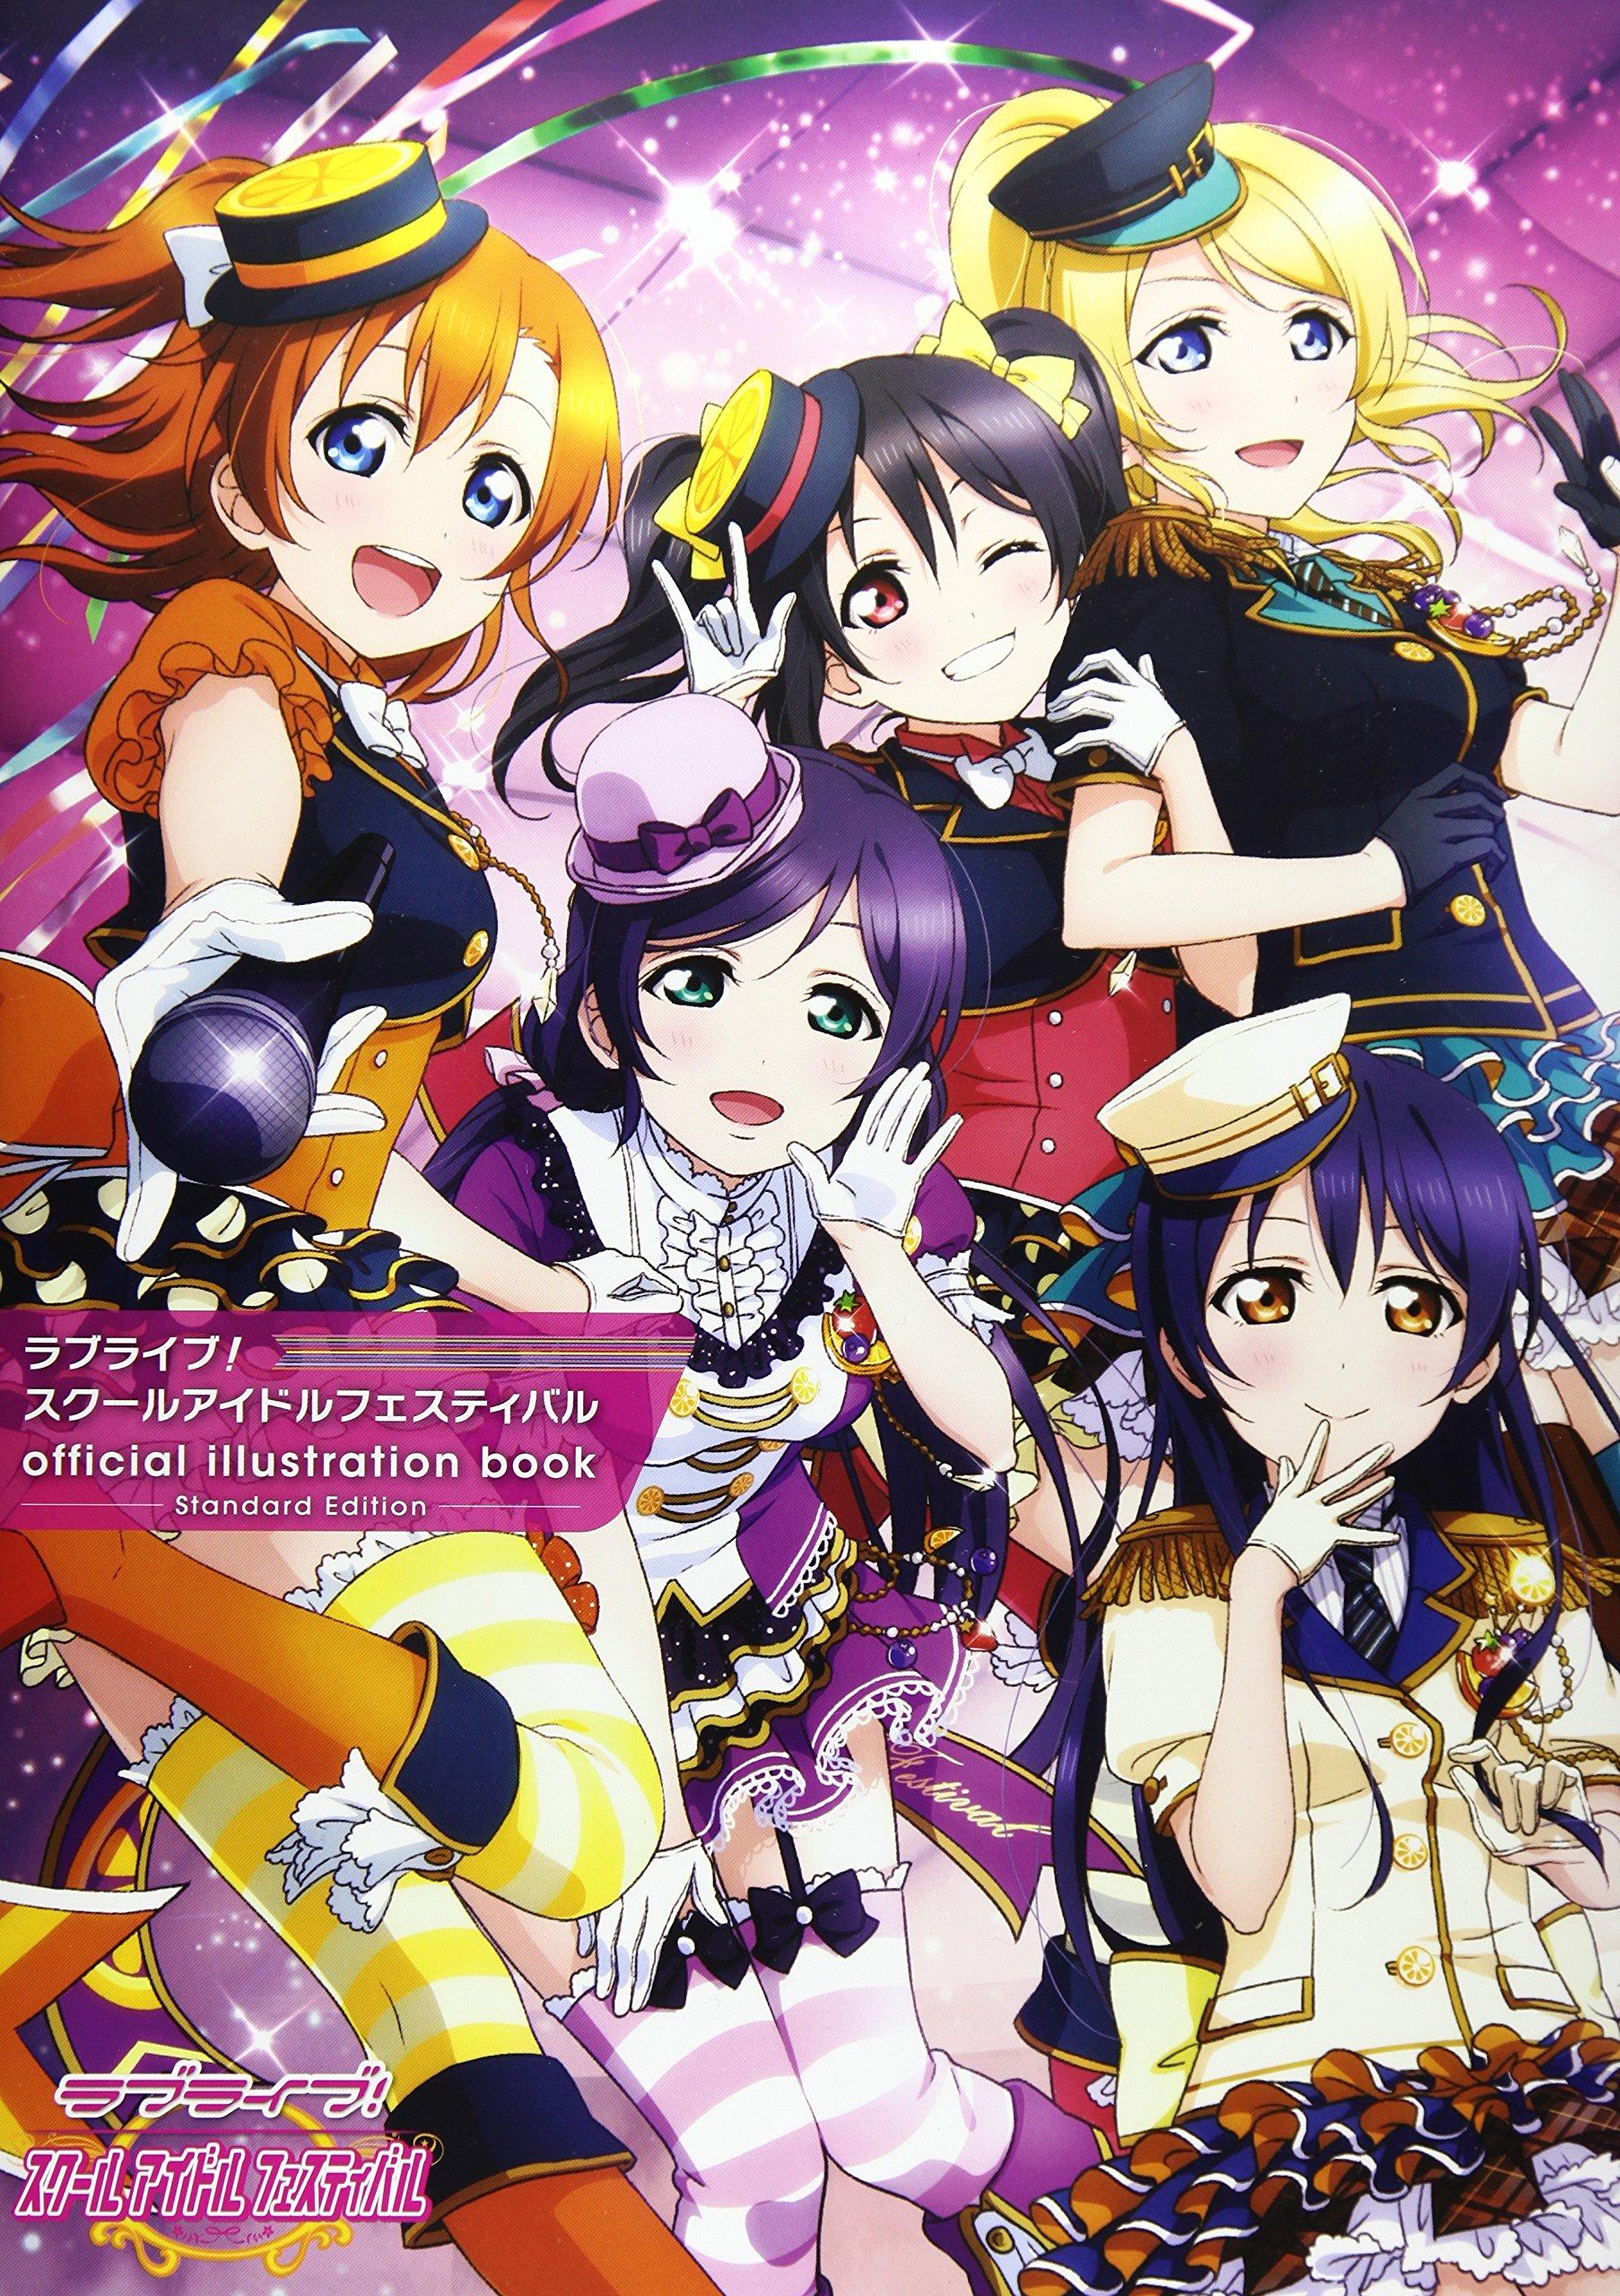 ラブライブ スクールアイドルフェスティバル Official Illustration